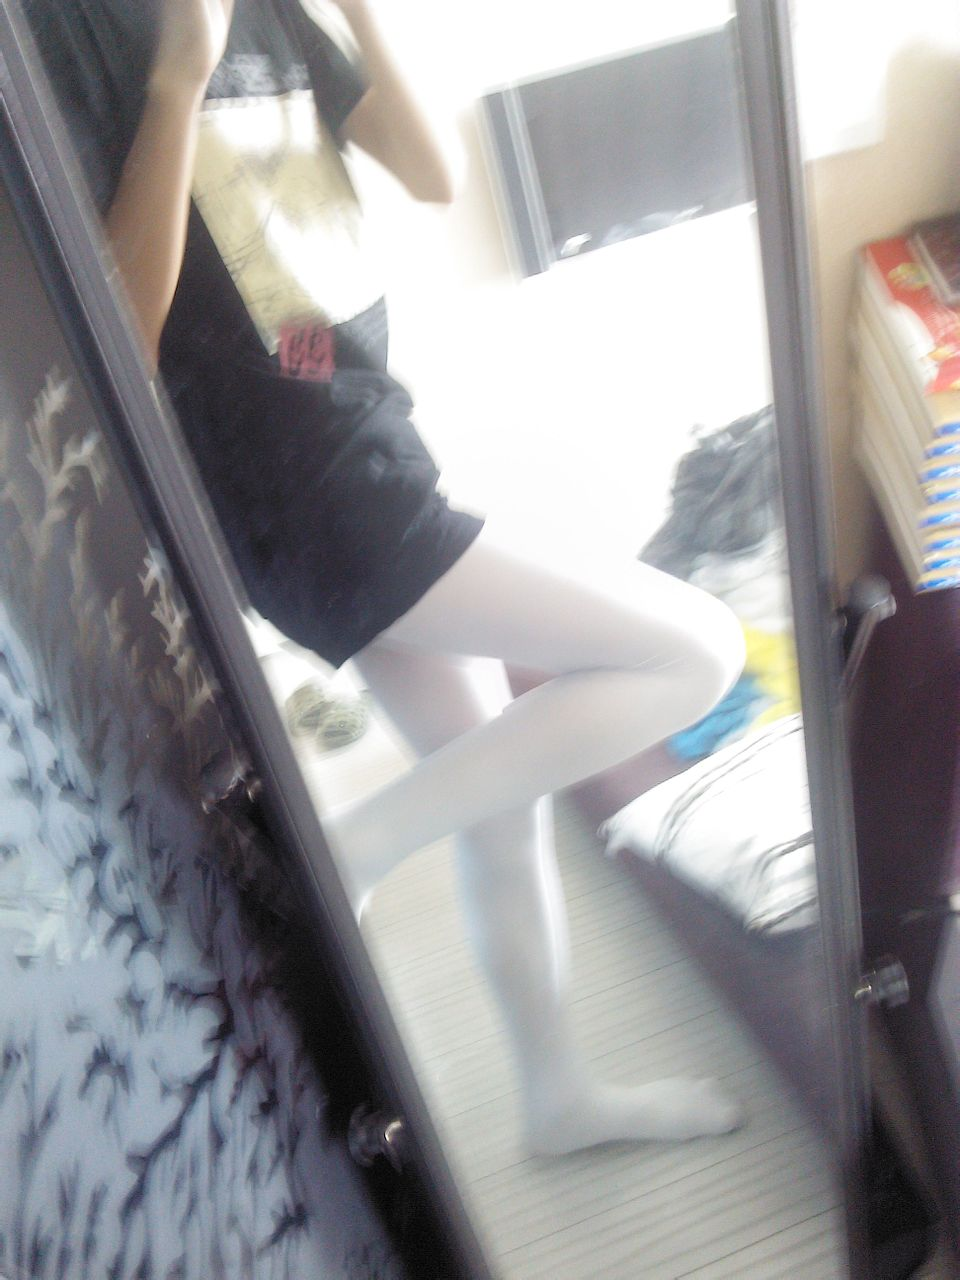 ... 白丝连裤袜,连裤袜女生憋尿失败,白丝连裤袜美女被